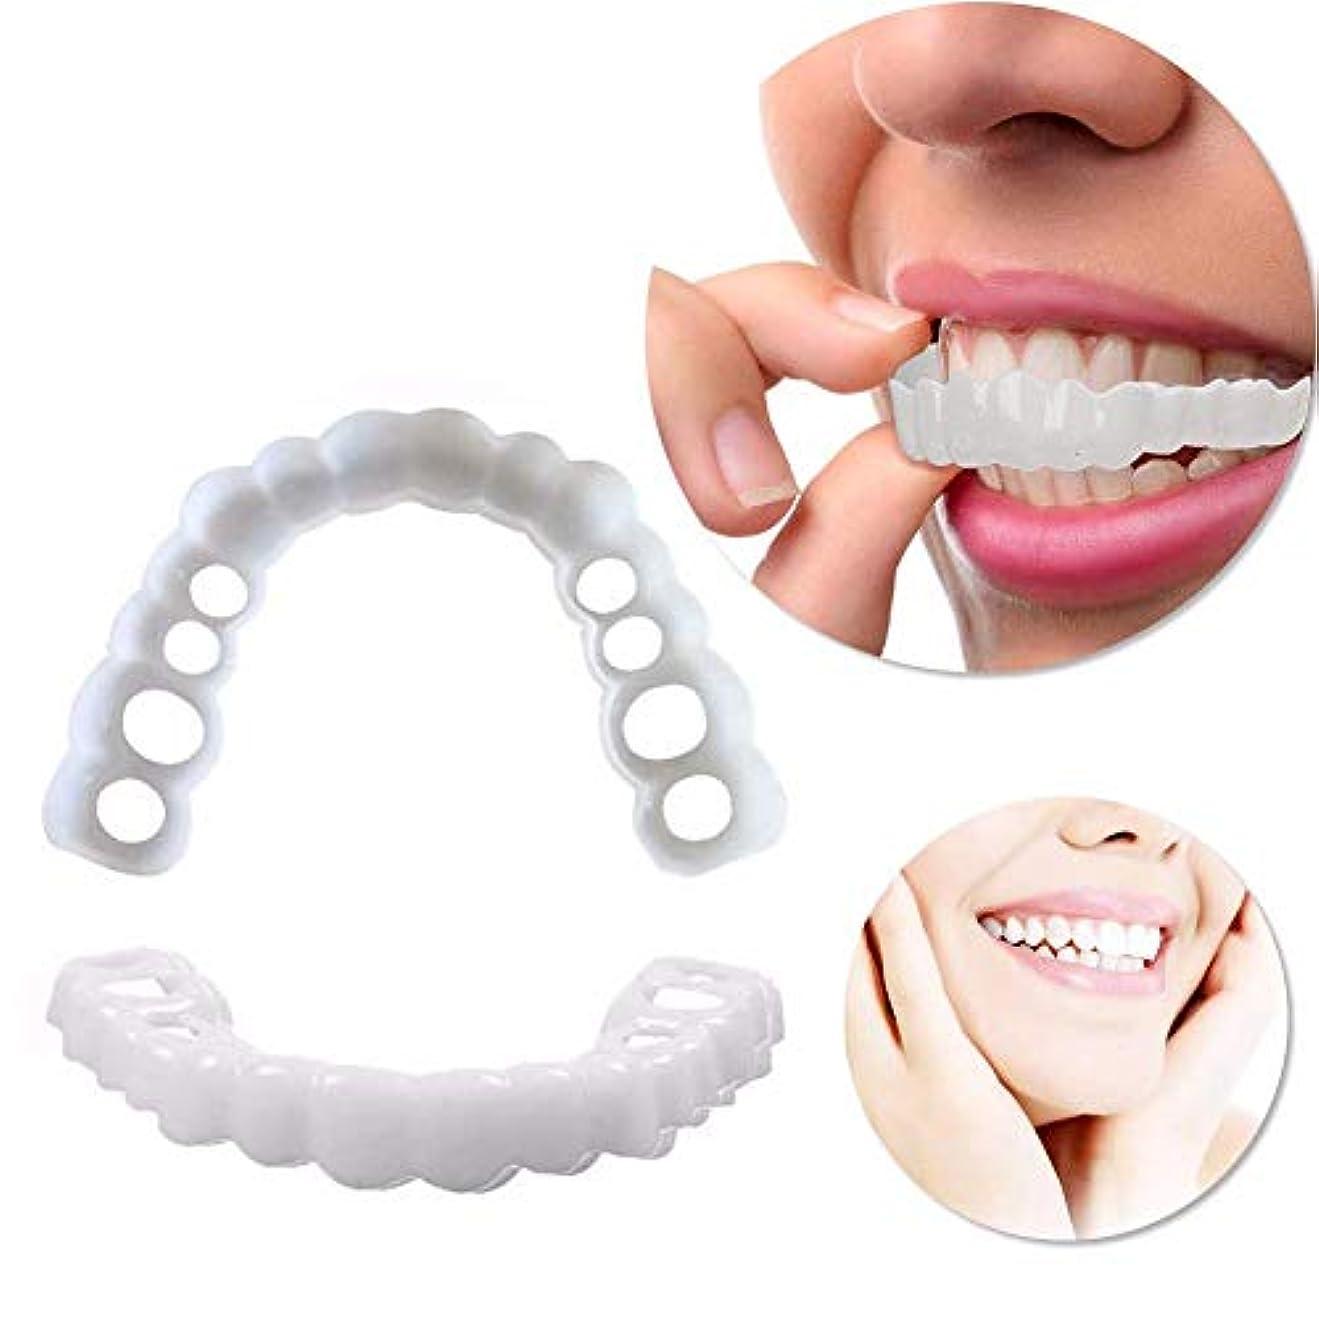 アルプス建設コショウ義歯安全インスタントスマイル化粧品ノベルティ歯 - ワンサイズが一番フィット,8Pairs